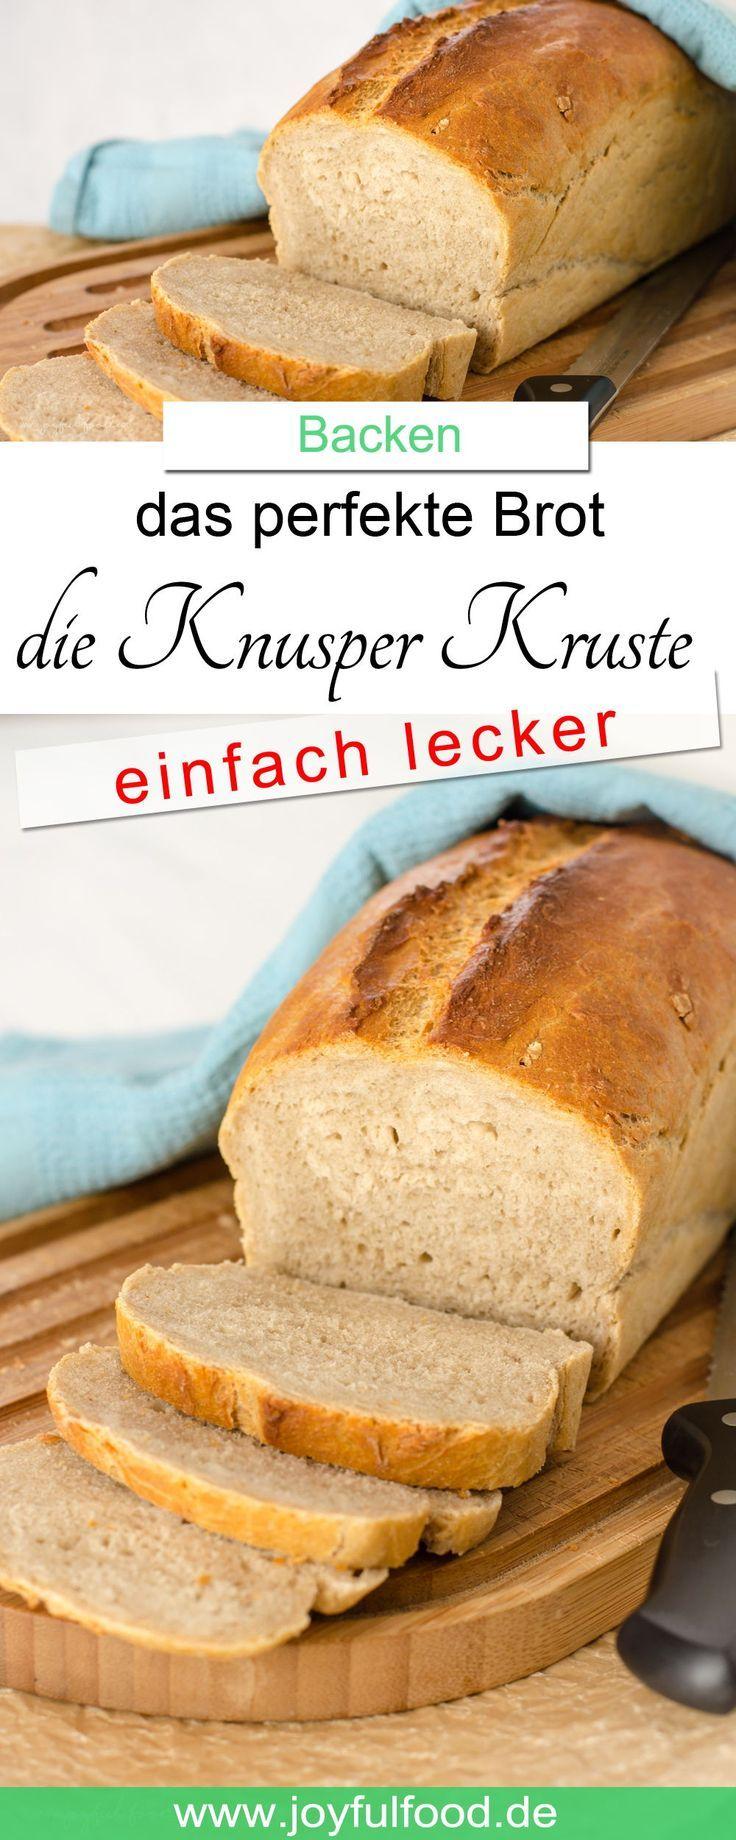 Das perfekte Brot backen: die Knusper Kruste  Joyful Food